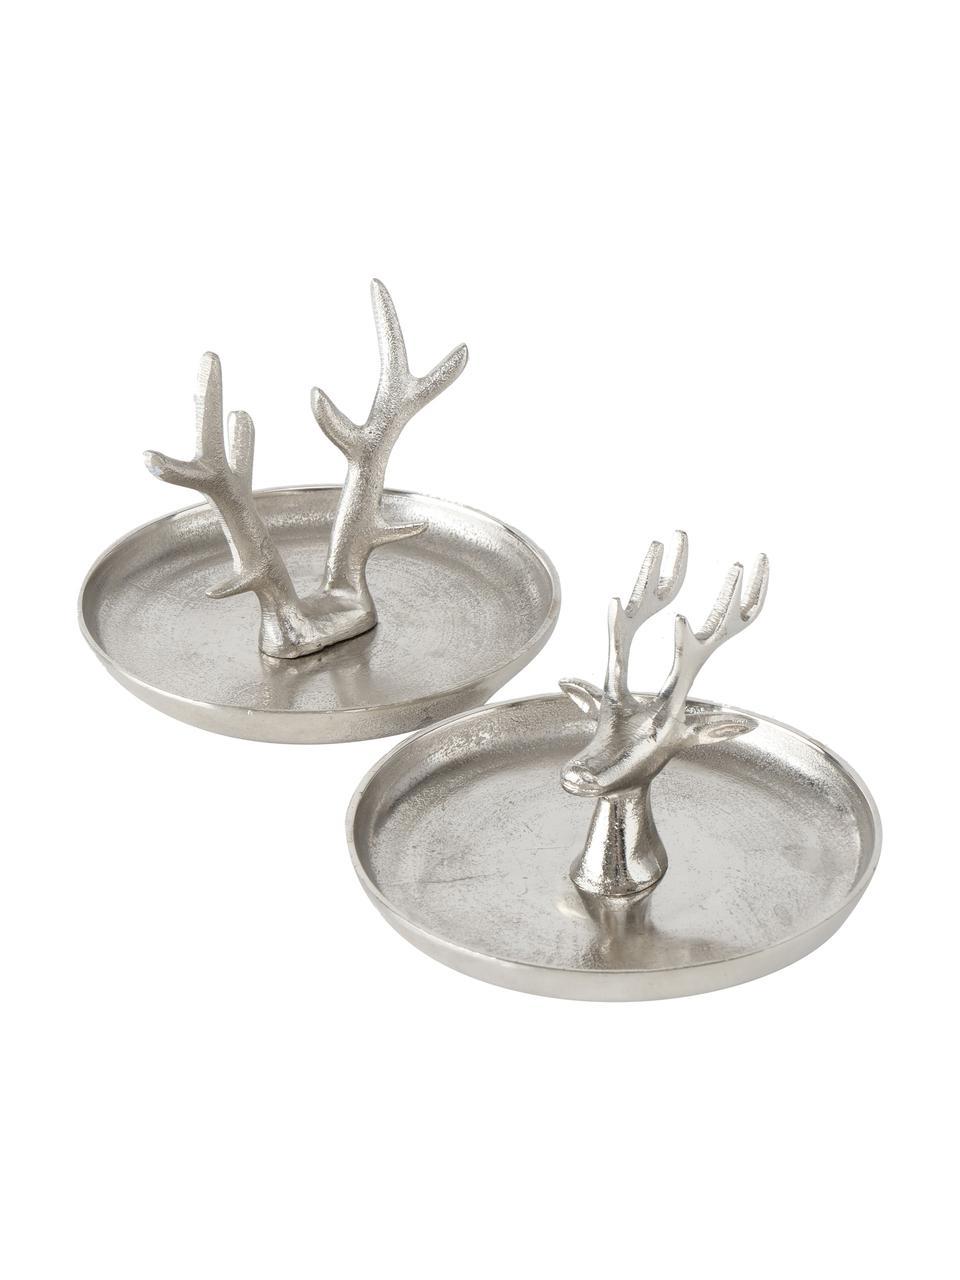 Deko-Objekt-Set Hanry, 2-tlg., Aluminium, Aluminium, Ø 16 x H 13 cm